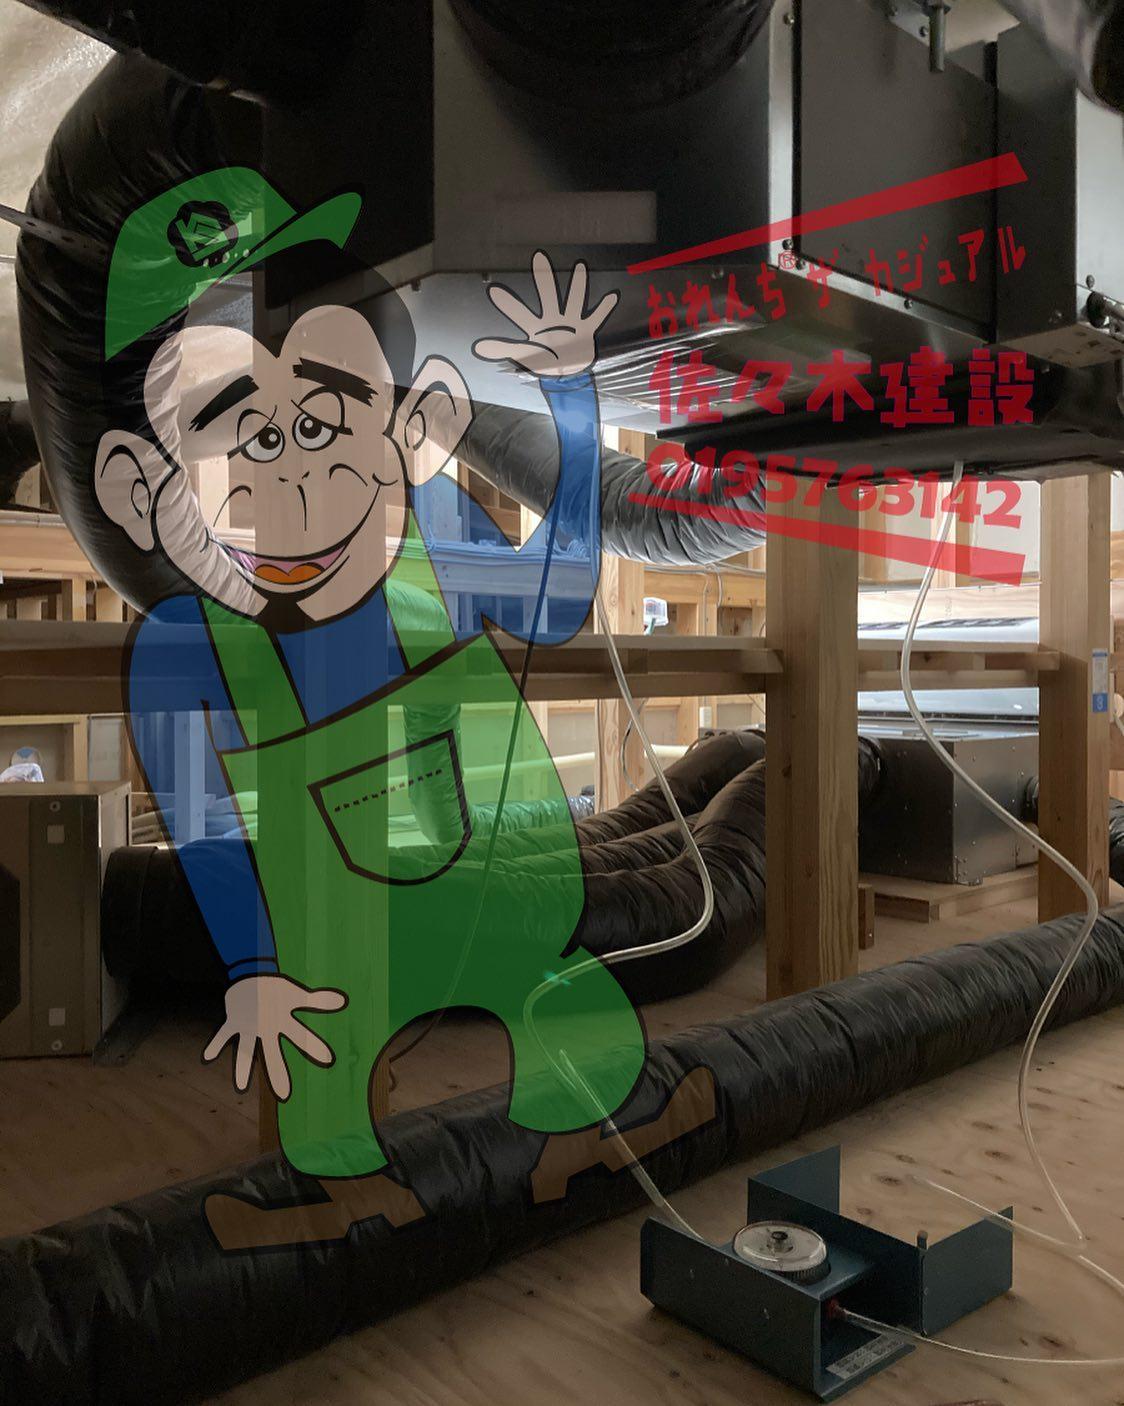 熱交換式換気扇風量調整 微差圧計(マノスターゲージ)+専用チューブ+プラスドライバーを使用する だもんで